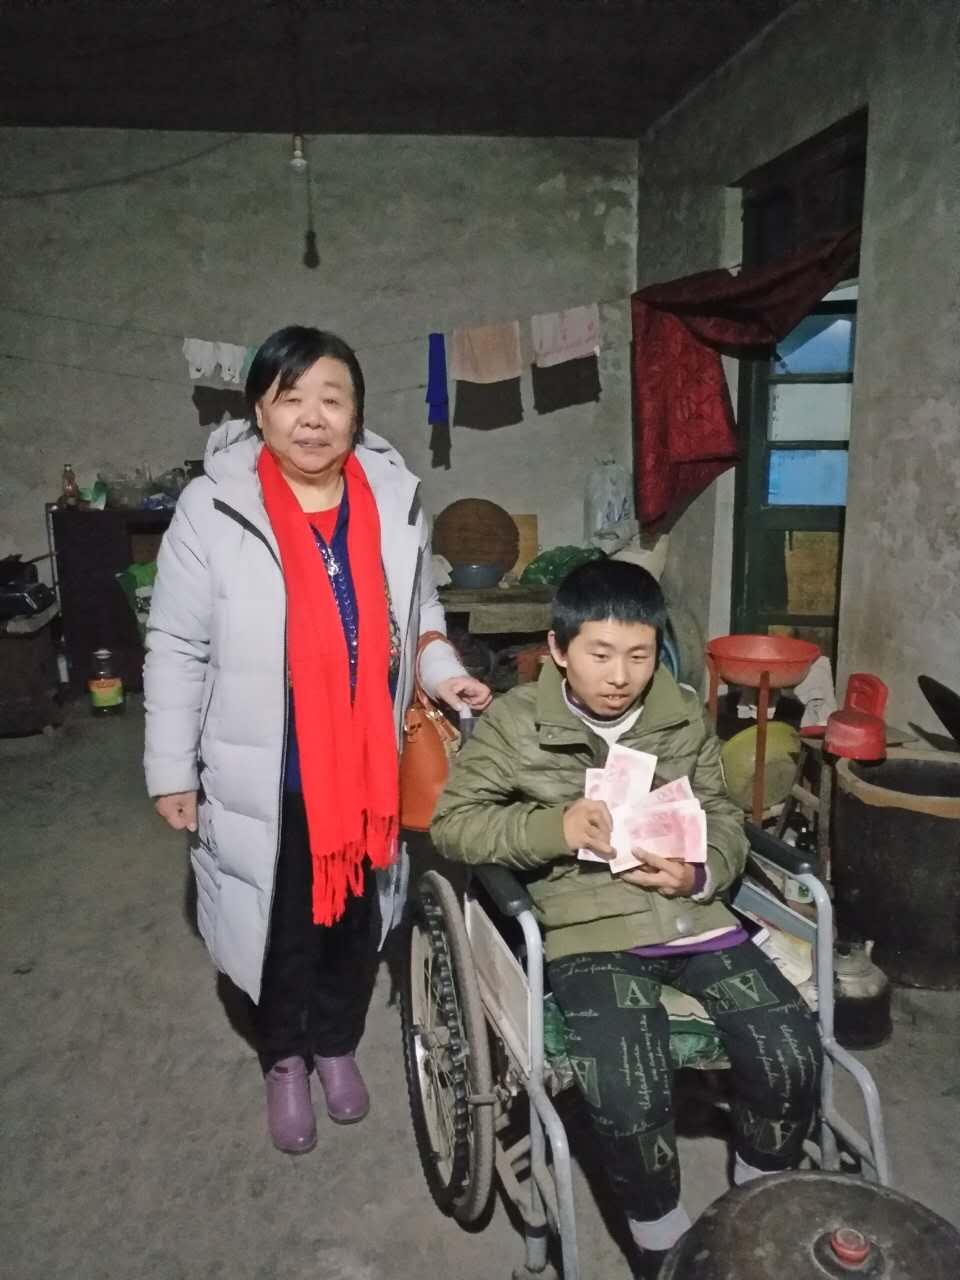 1,2018年1月16日协会全体会员下乡慰问贫困家庭,并且14位女企业家一对一、一对二救助贫困学生15名-2017-01-17164420